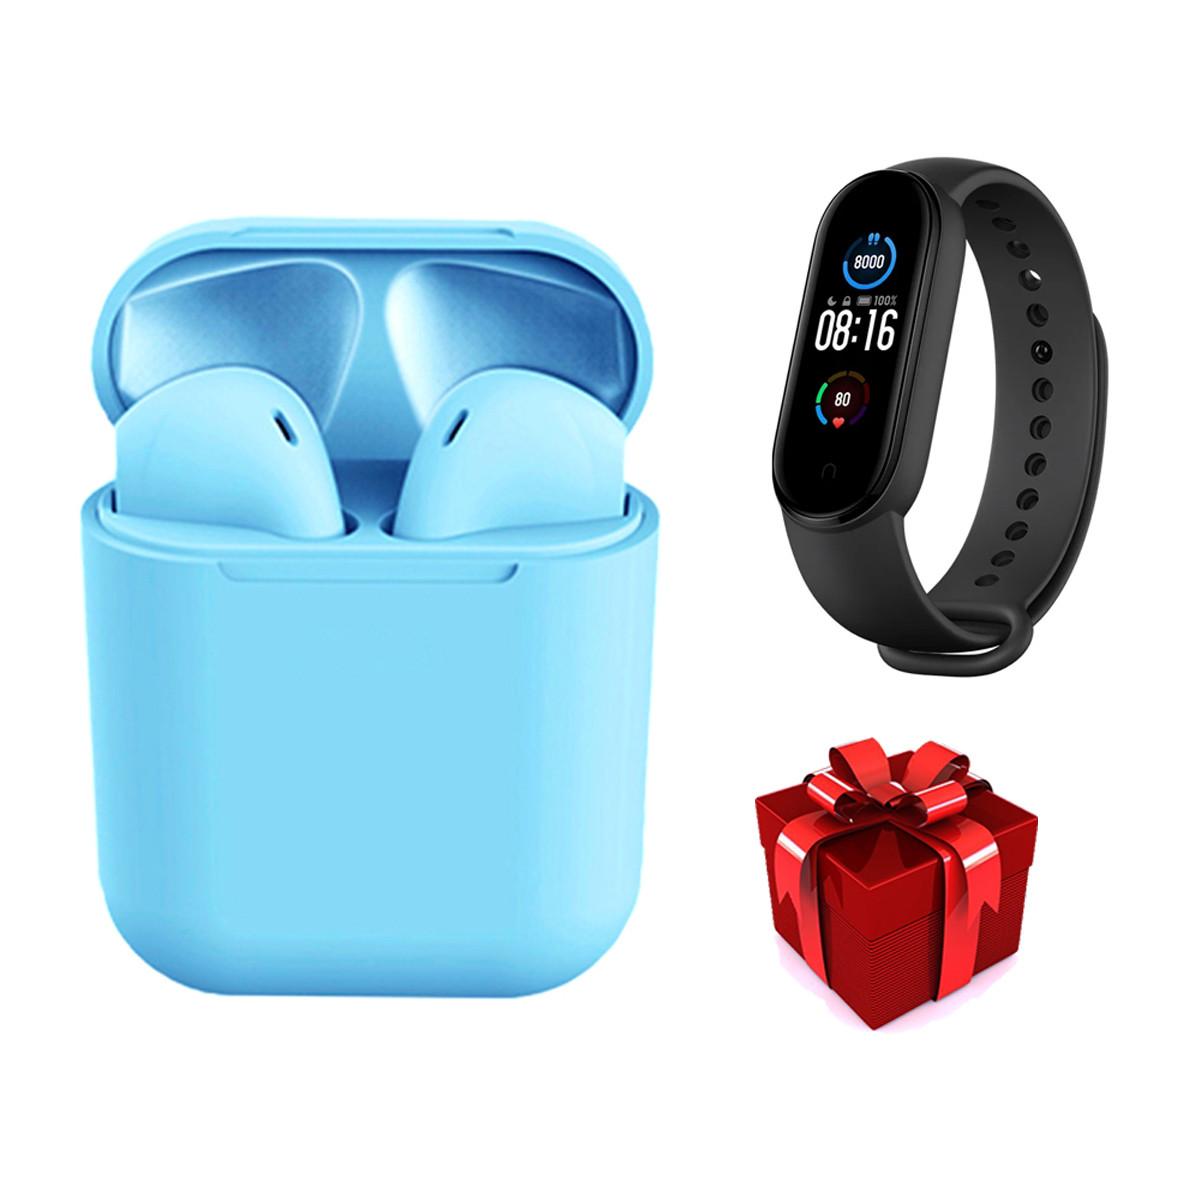 Беспроводные сенсорные наушники TWS i12 Magnetto голубые + подарок фитнес браслет Band М5